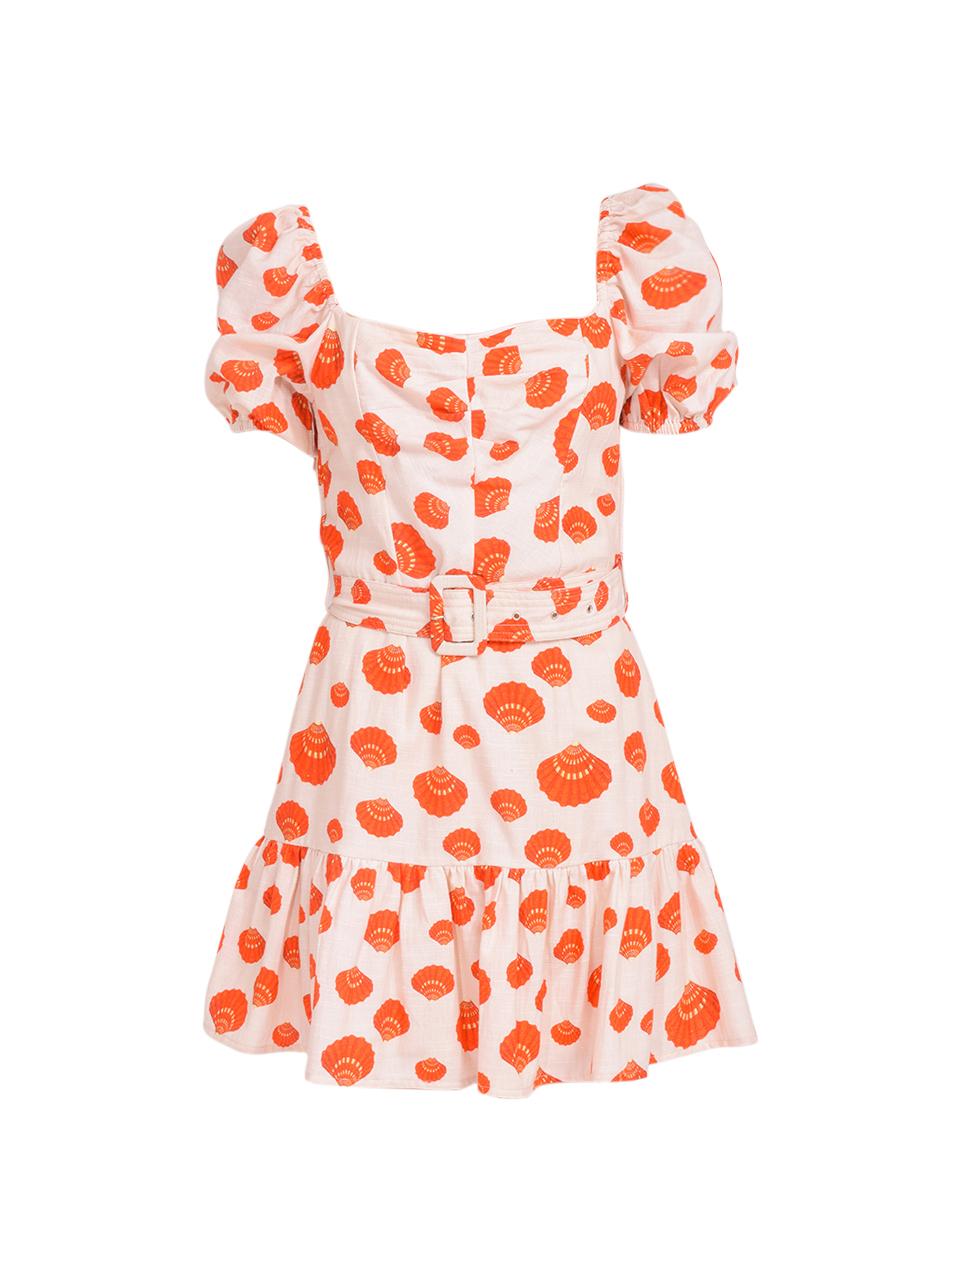 Karina Grimaldi Juliet Print Mini Dress in Tangerine Shells Product Shot